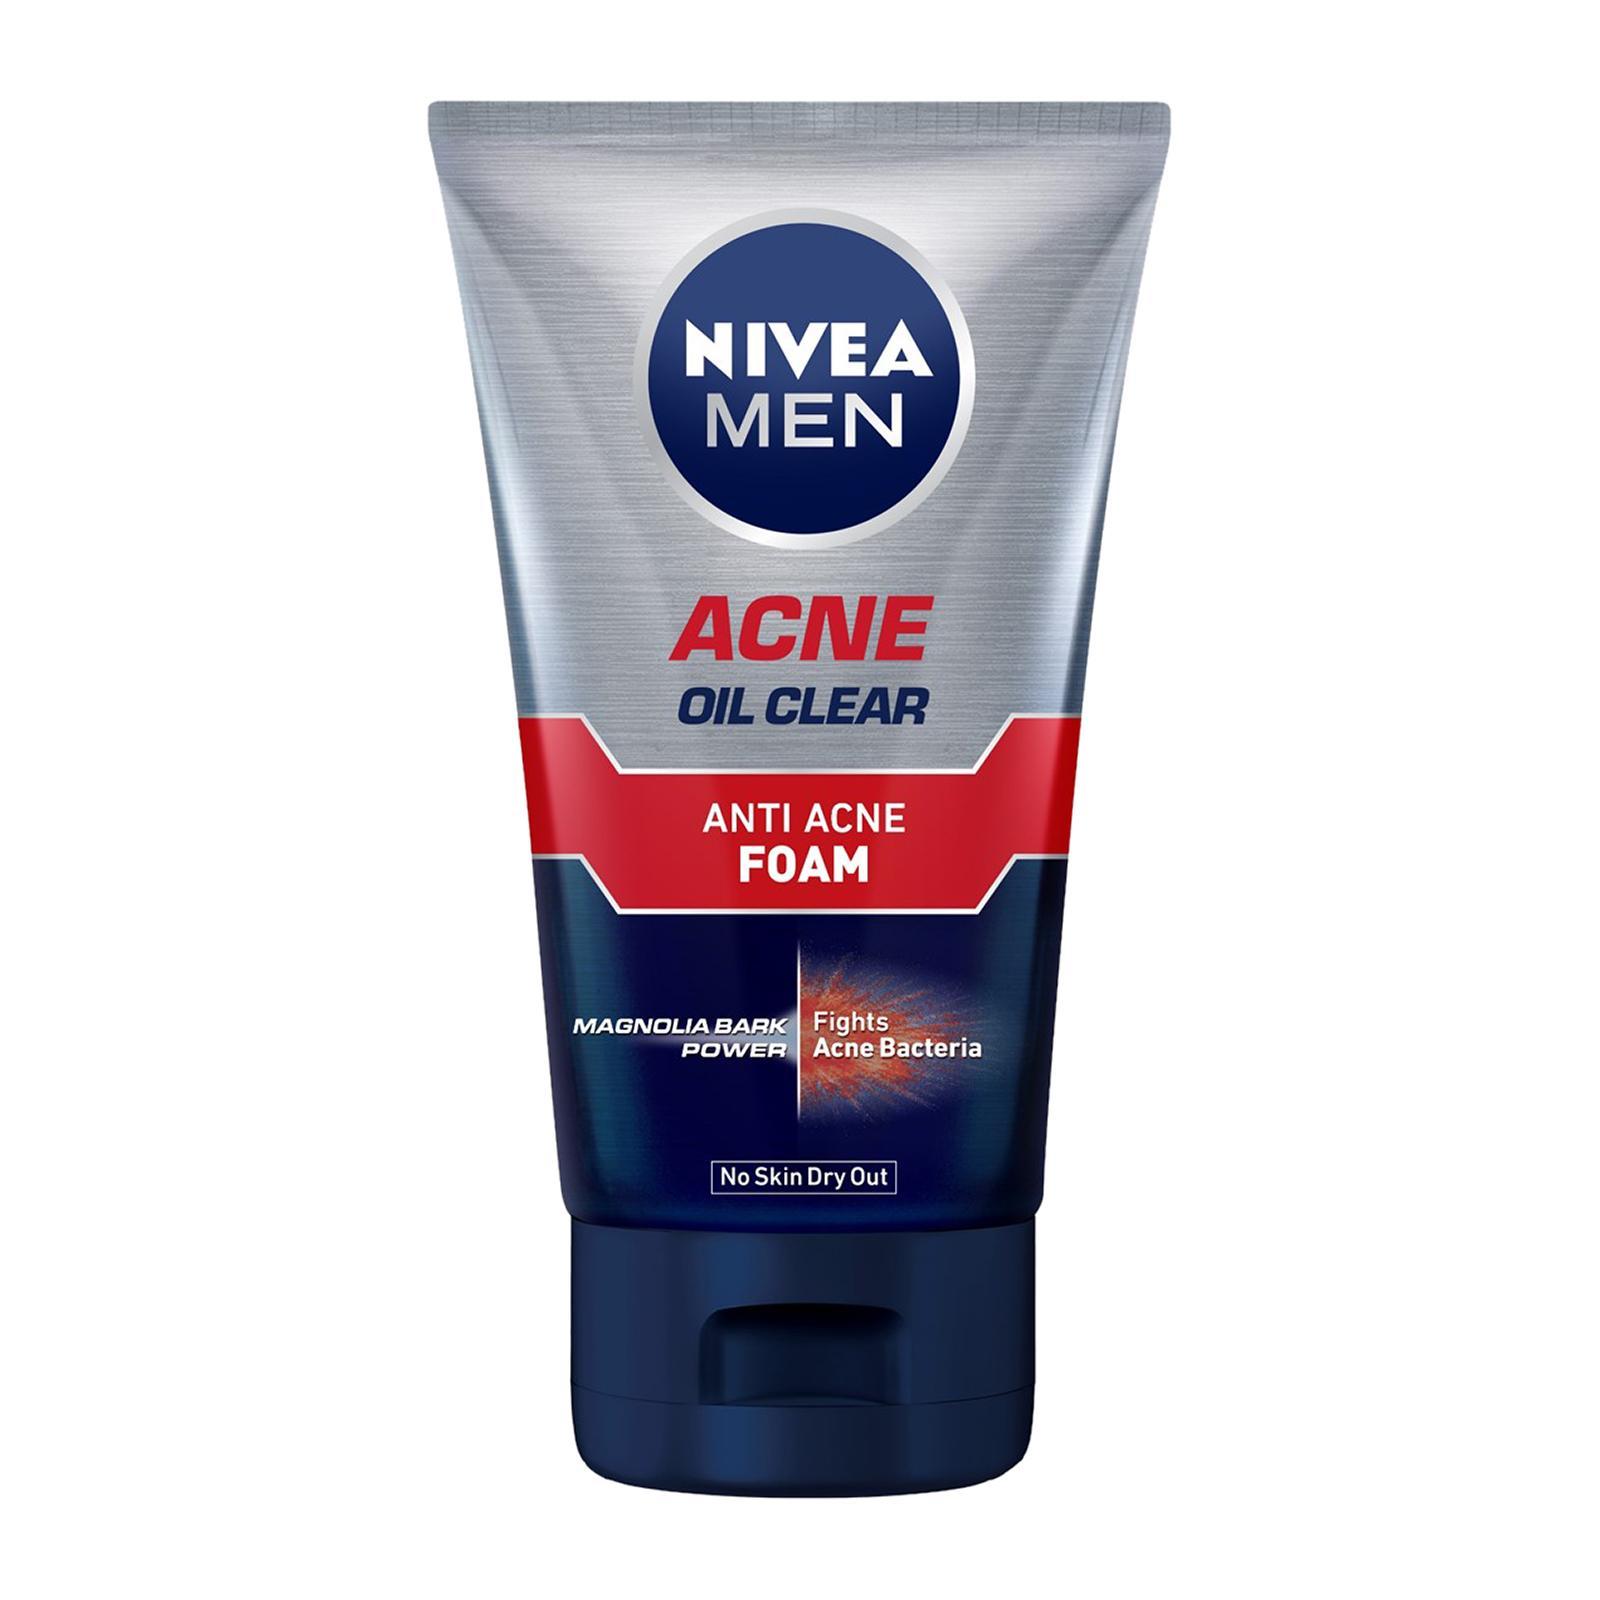 Nivea Men Acne Oil Clear Anti Acne Foam